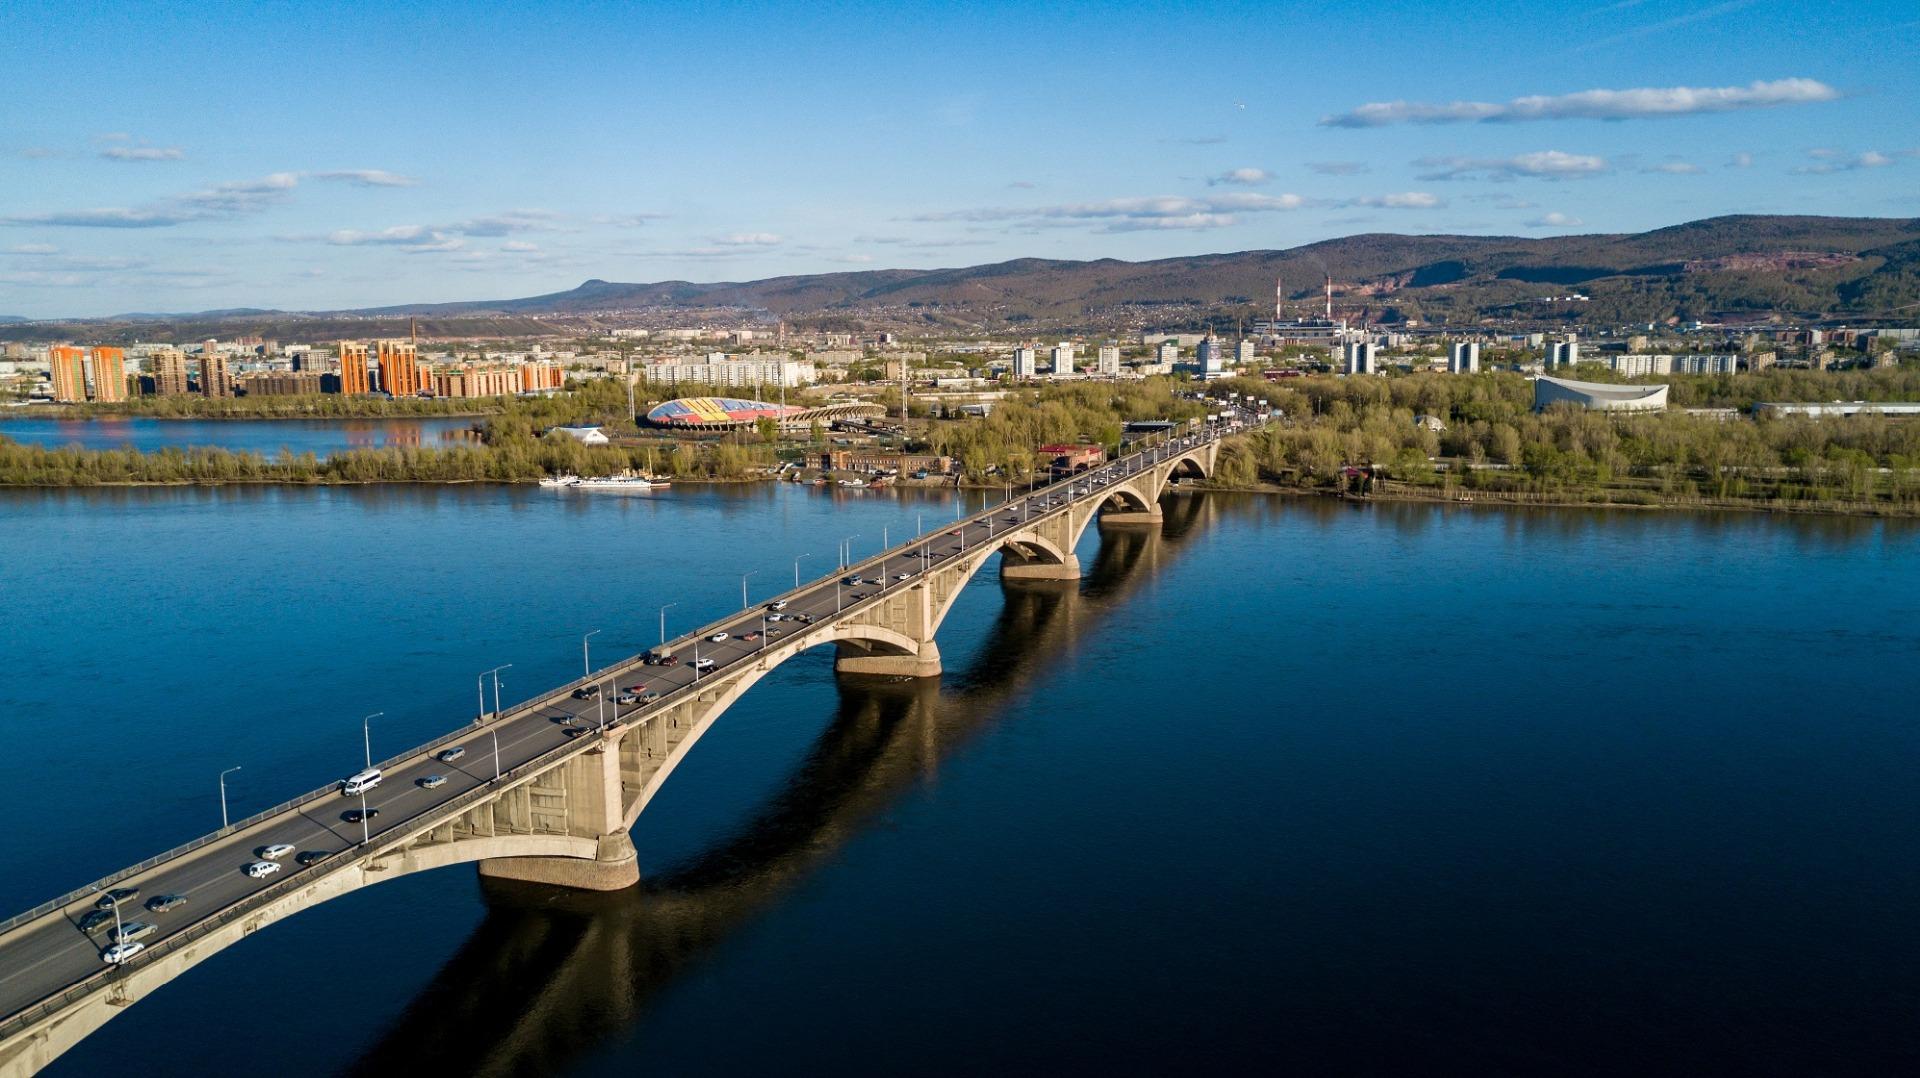 Красноярск. Автомобильный и пешеходный мост через реку Енисей.